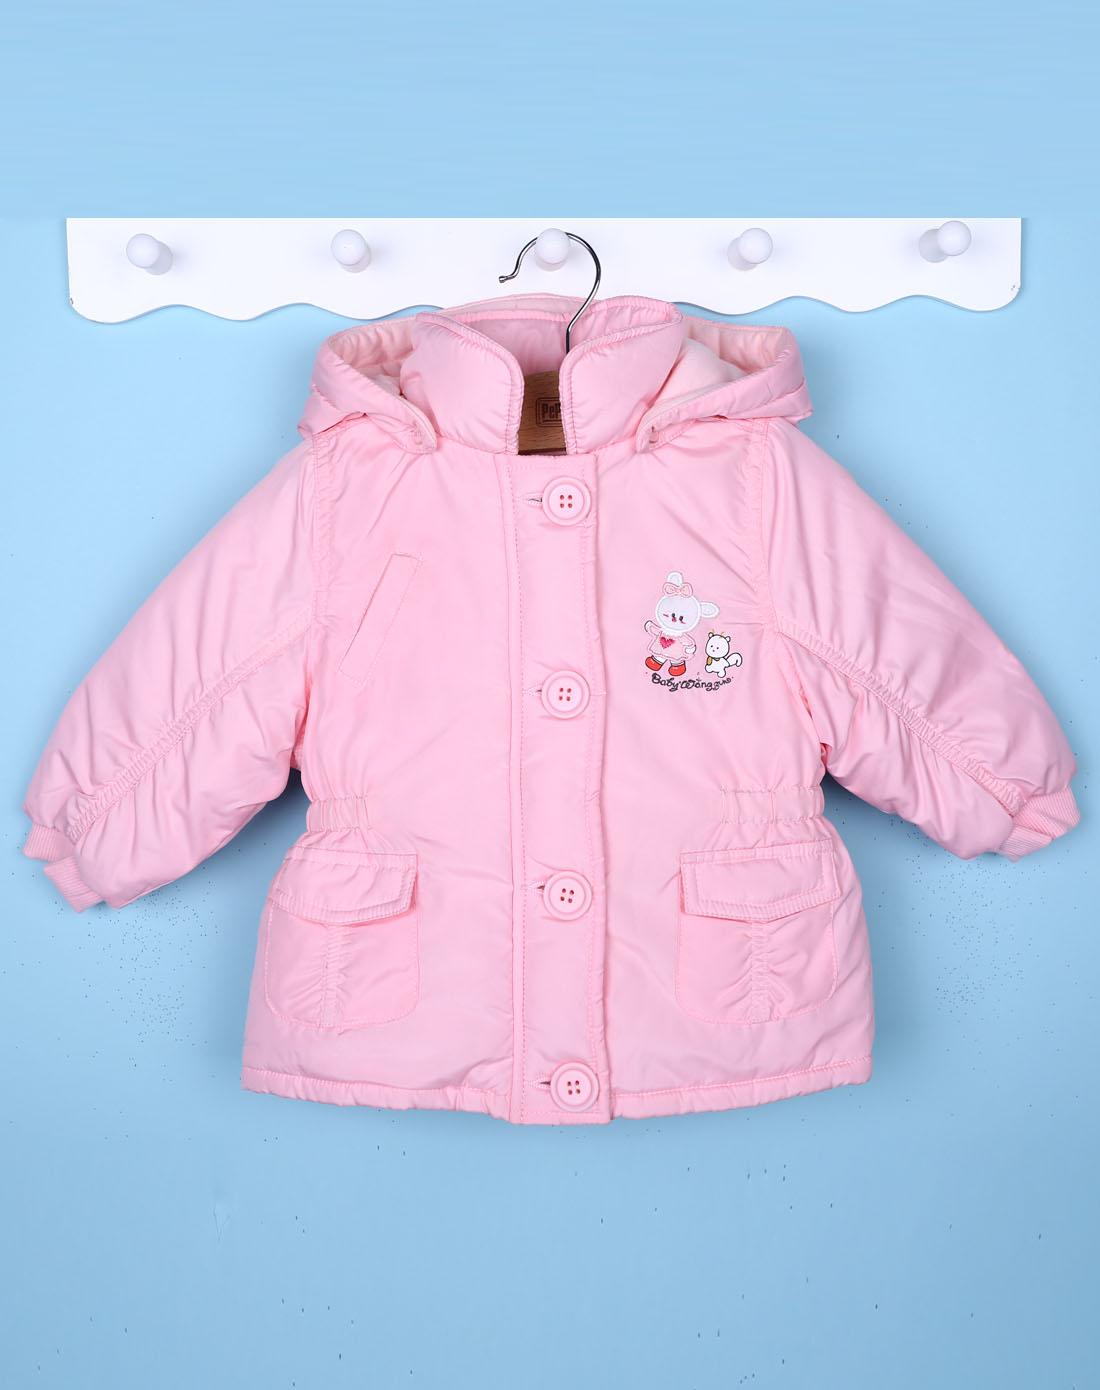 童装 衣服 婴儿装 1100_1390 竖版 竖屏